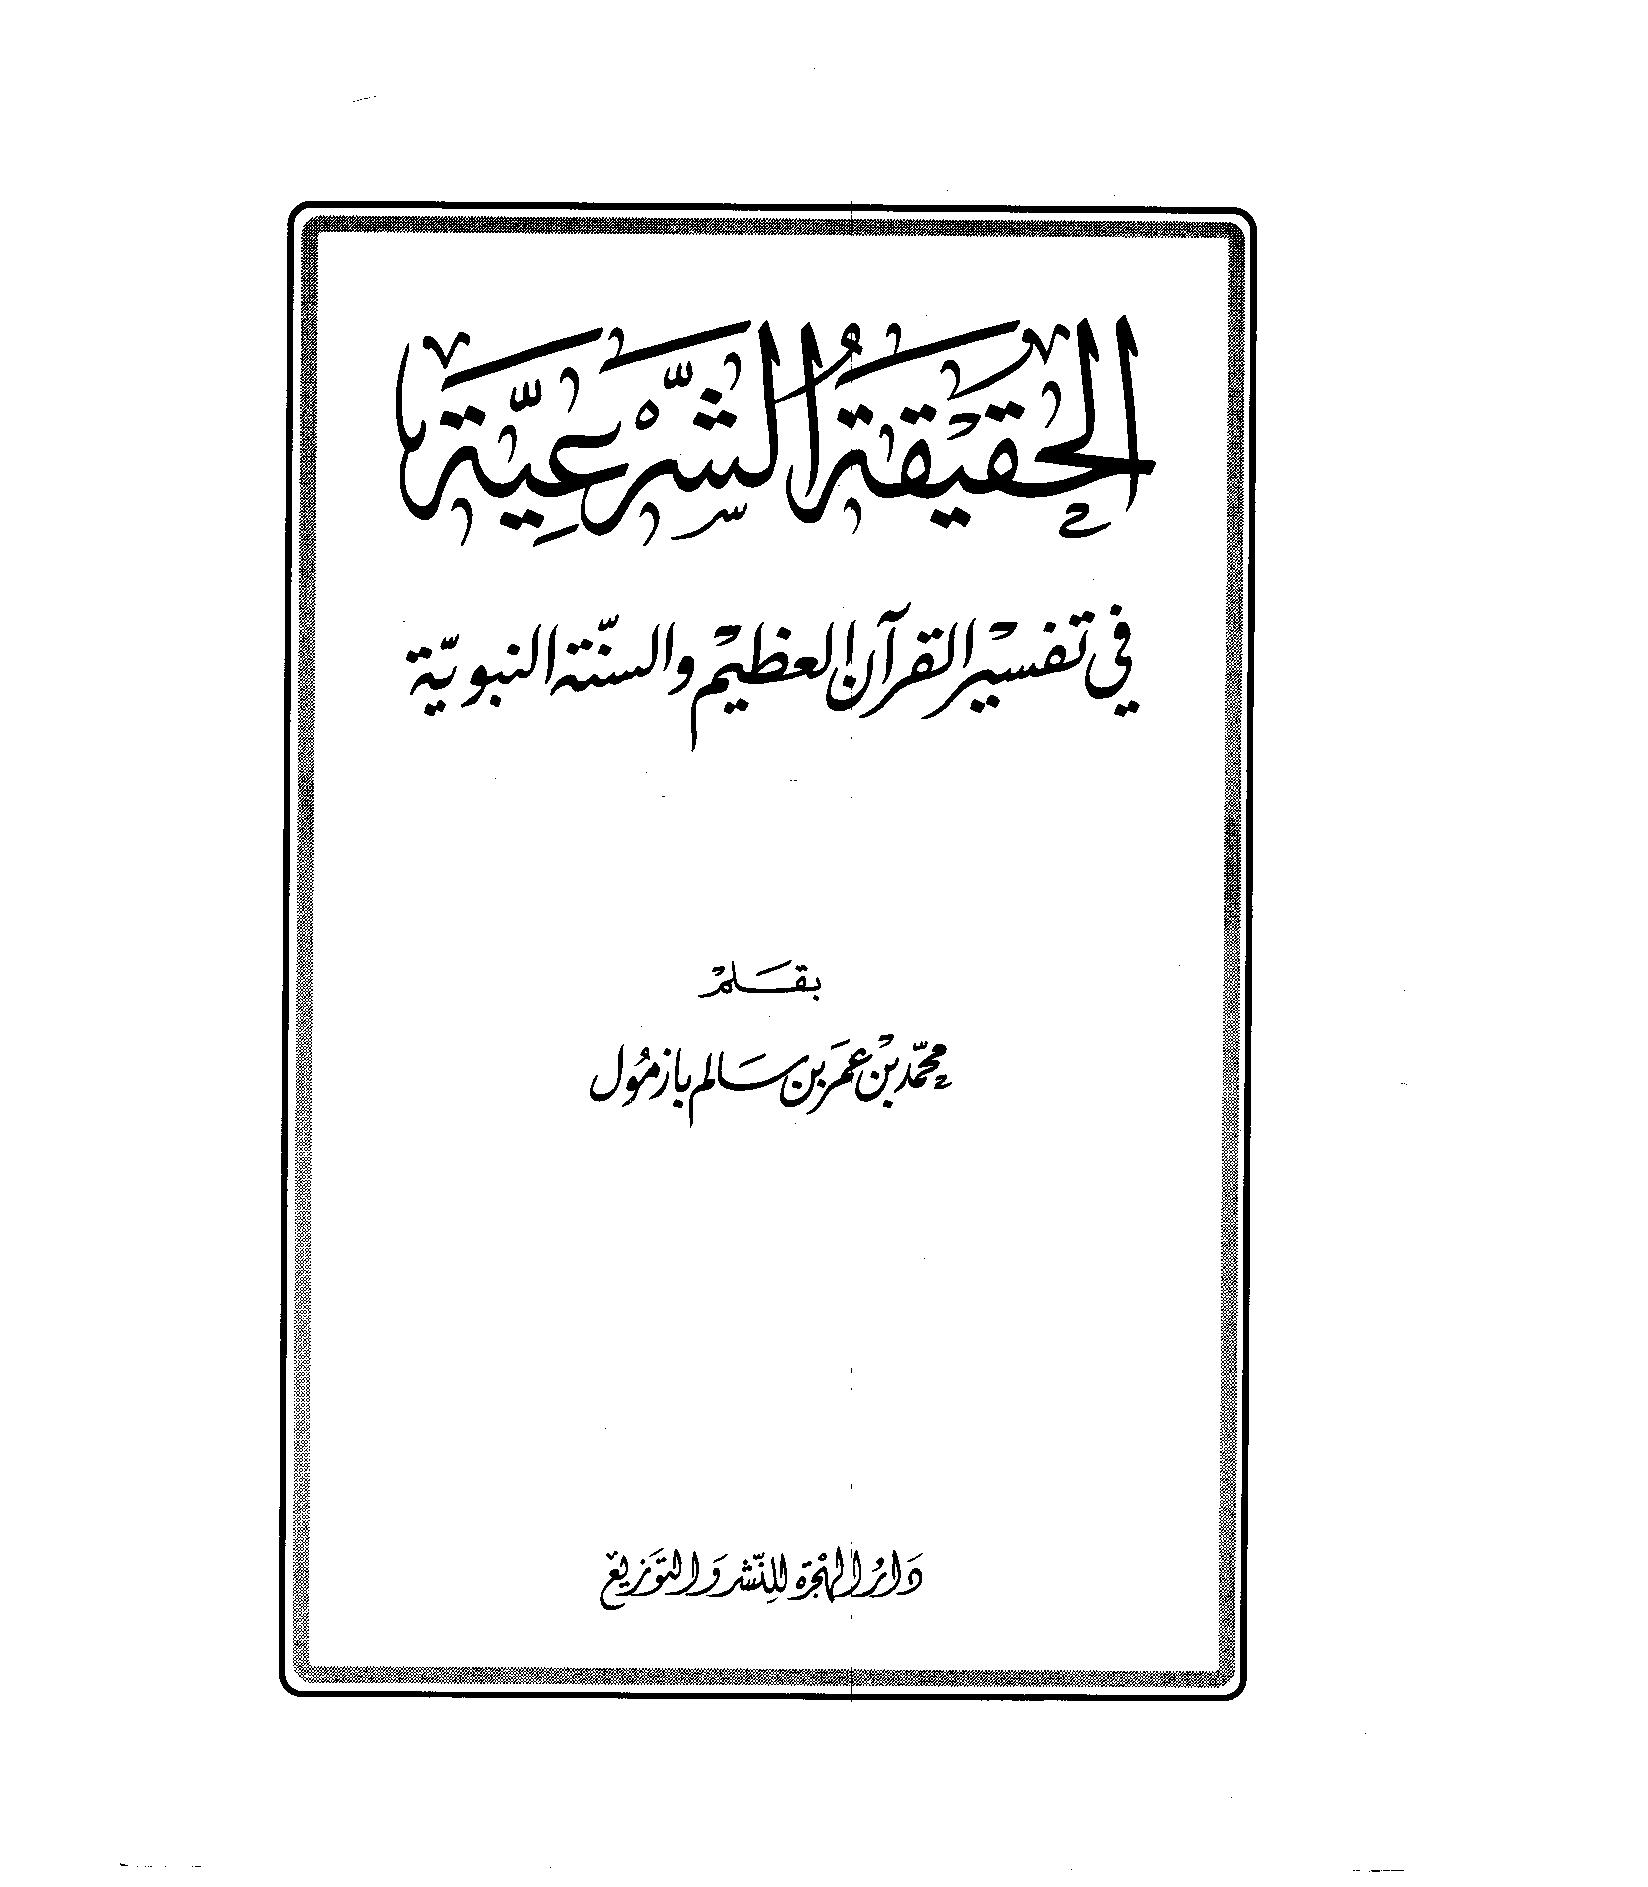 الحقيقة الشرعية في تفسير القرآن العظيم والسنة النبوية - محمد بن عمر بن سالم بازمول